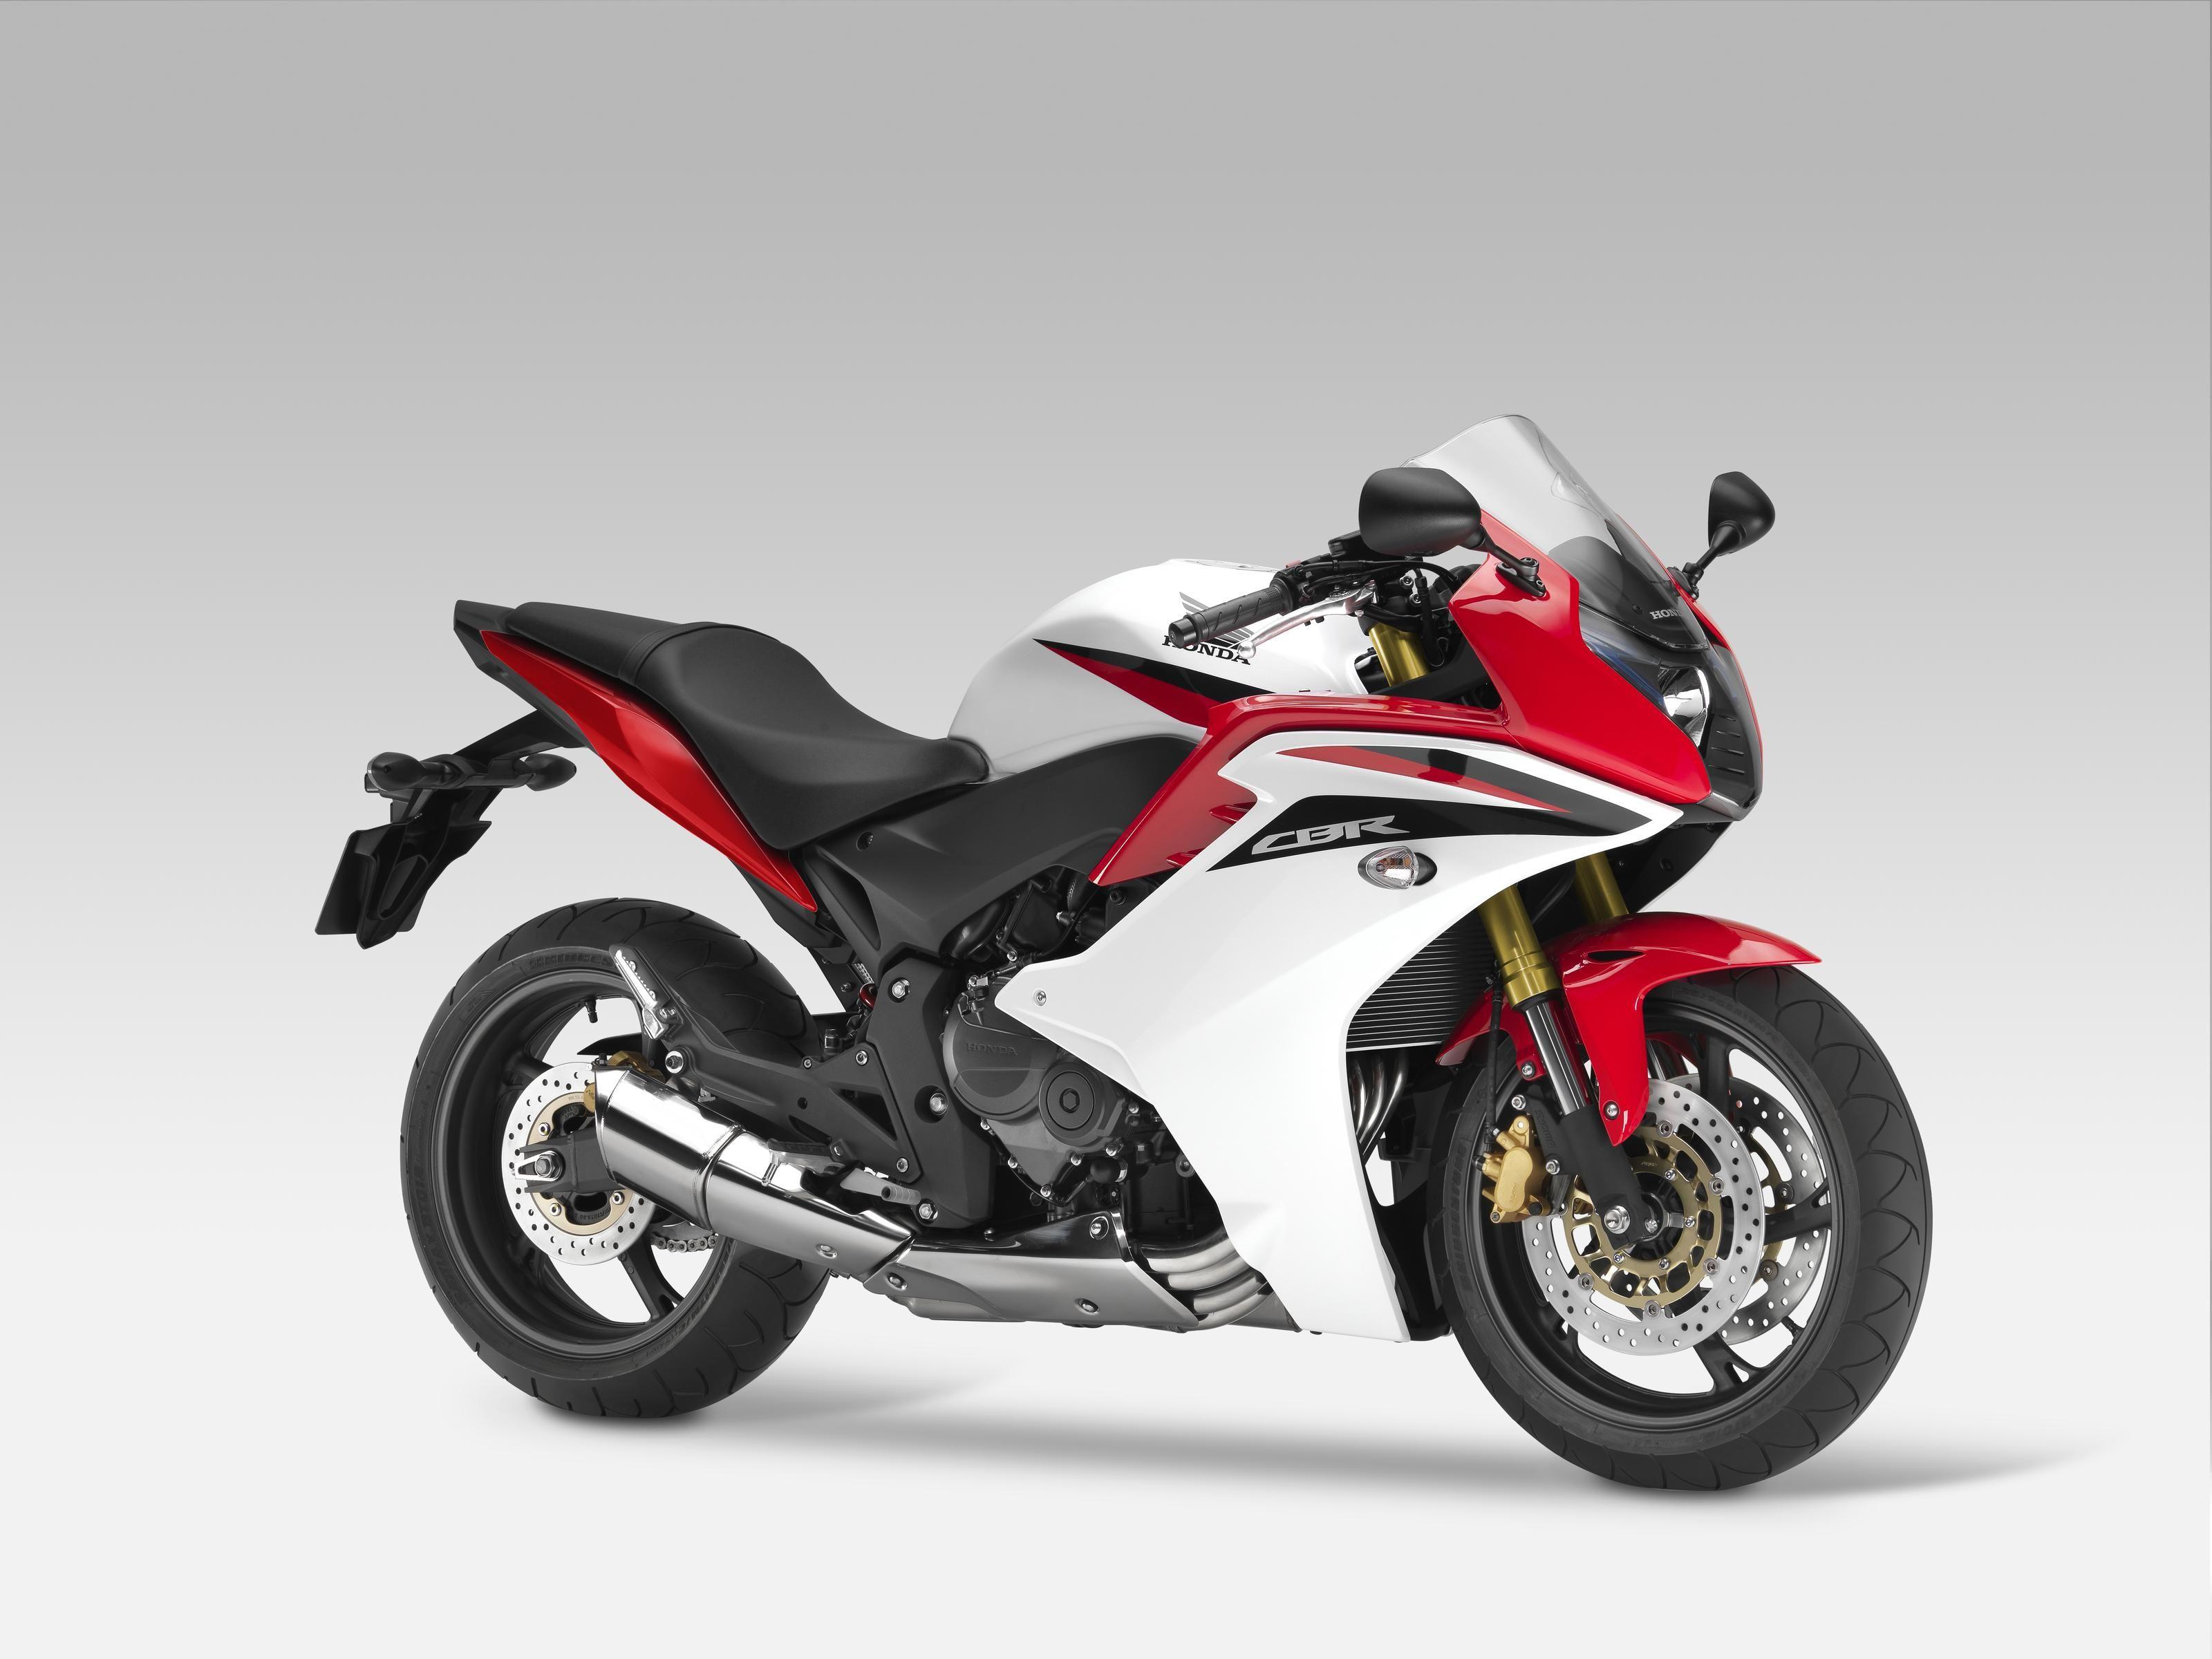 presa all'ingrosso compra meglio più foto Honda CBR600F in Red and White from Kestrel Honda | Sports bikes ...